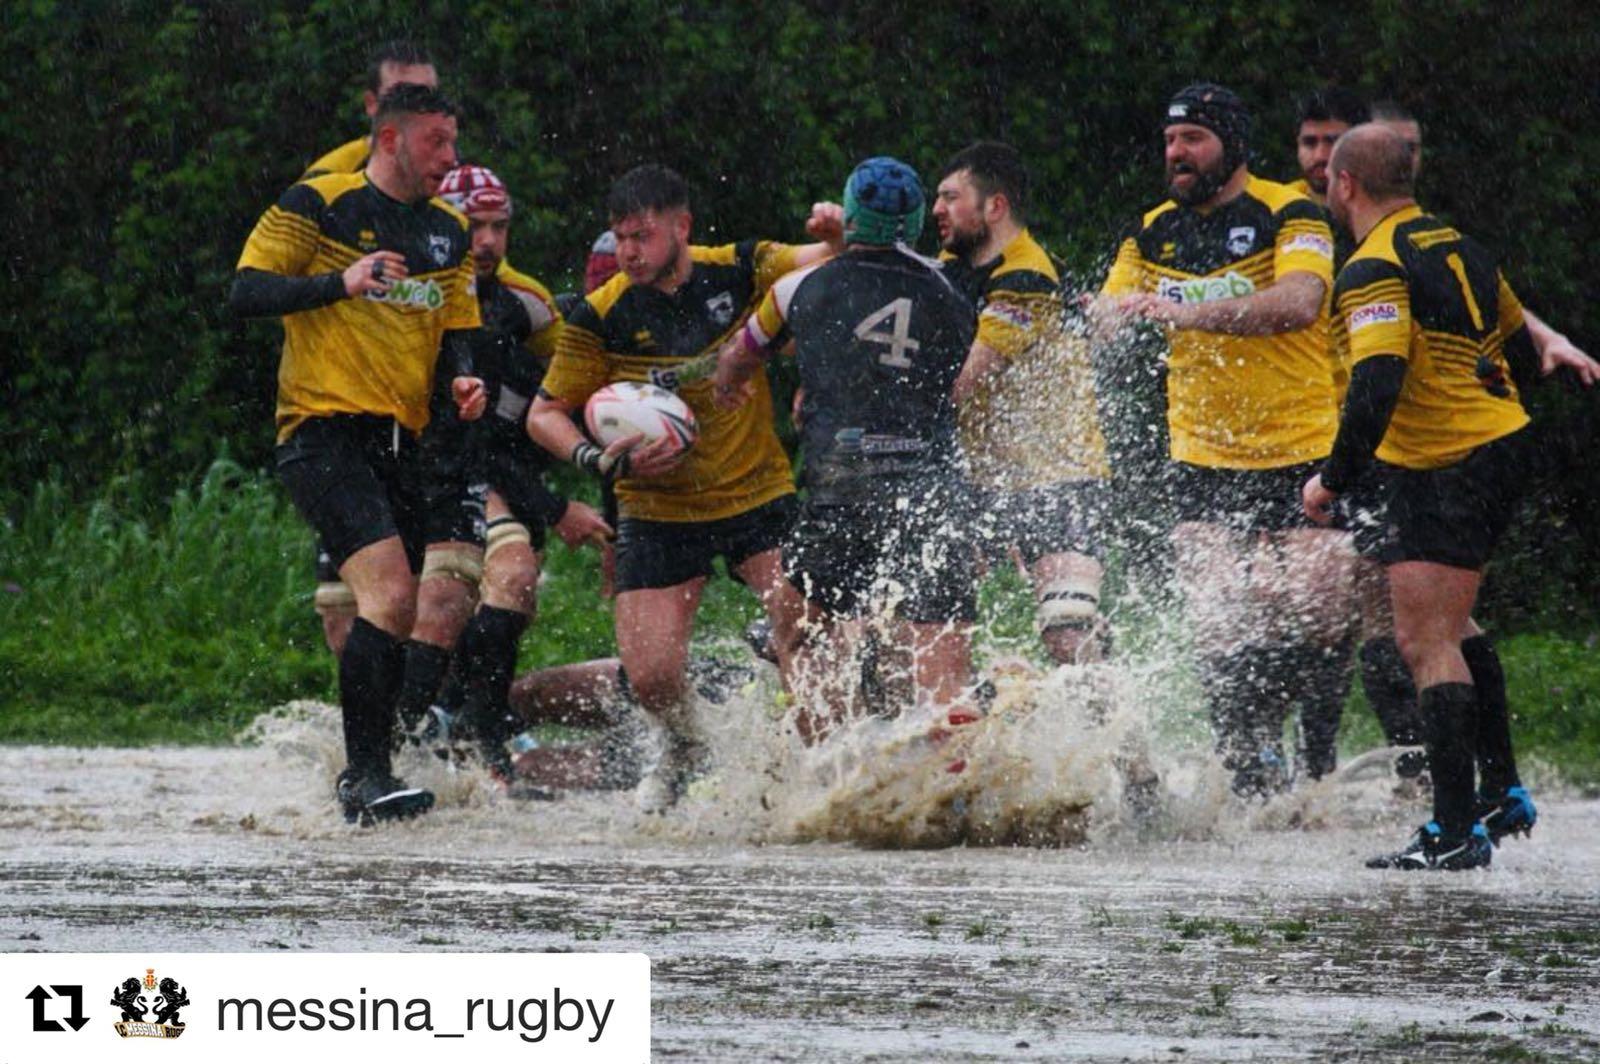 Avezzano rugby, domenica i galloneri sfidano il Messina in casa